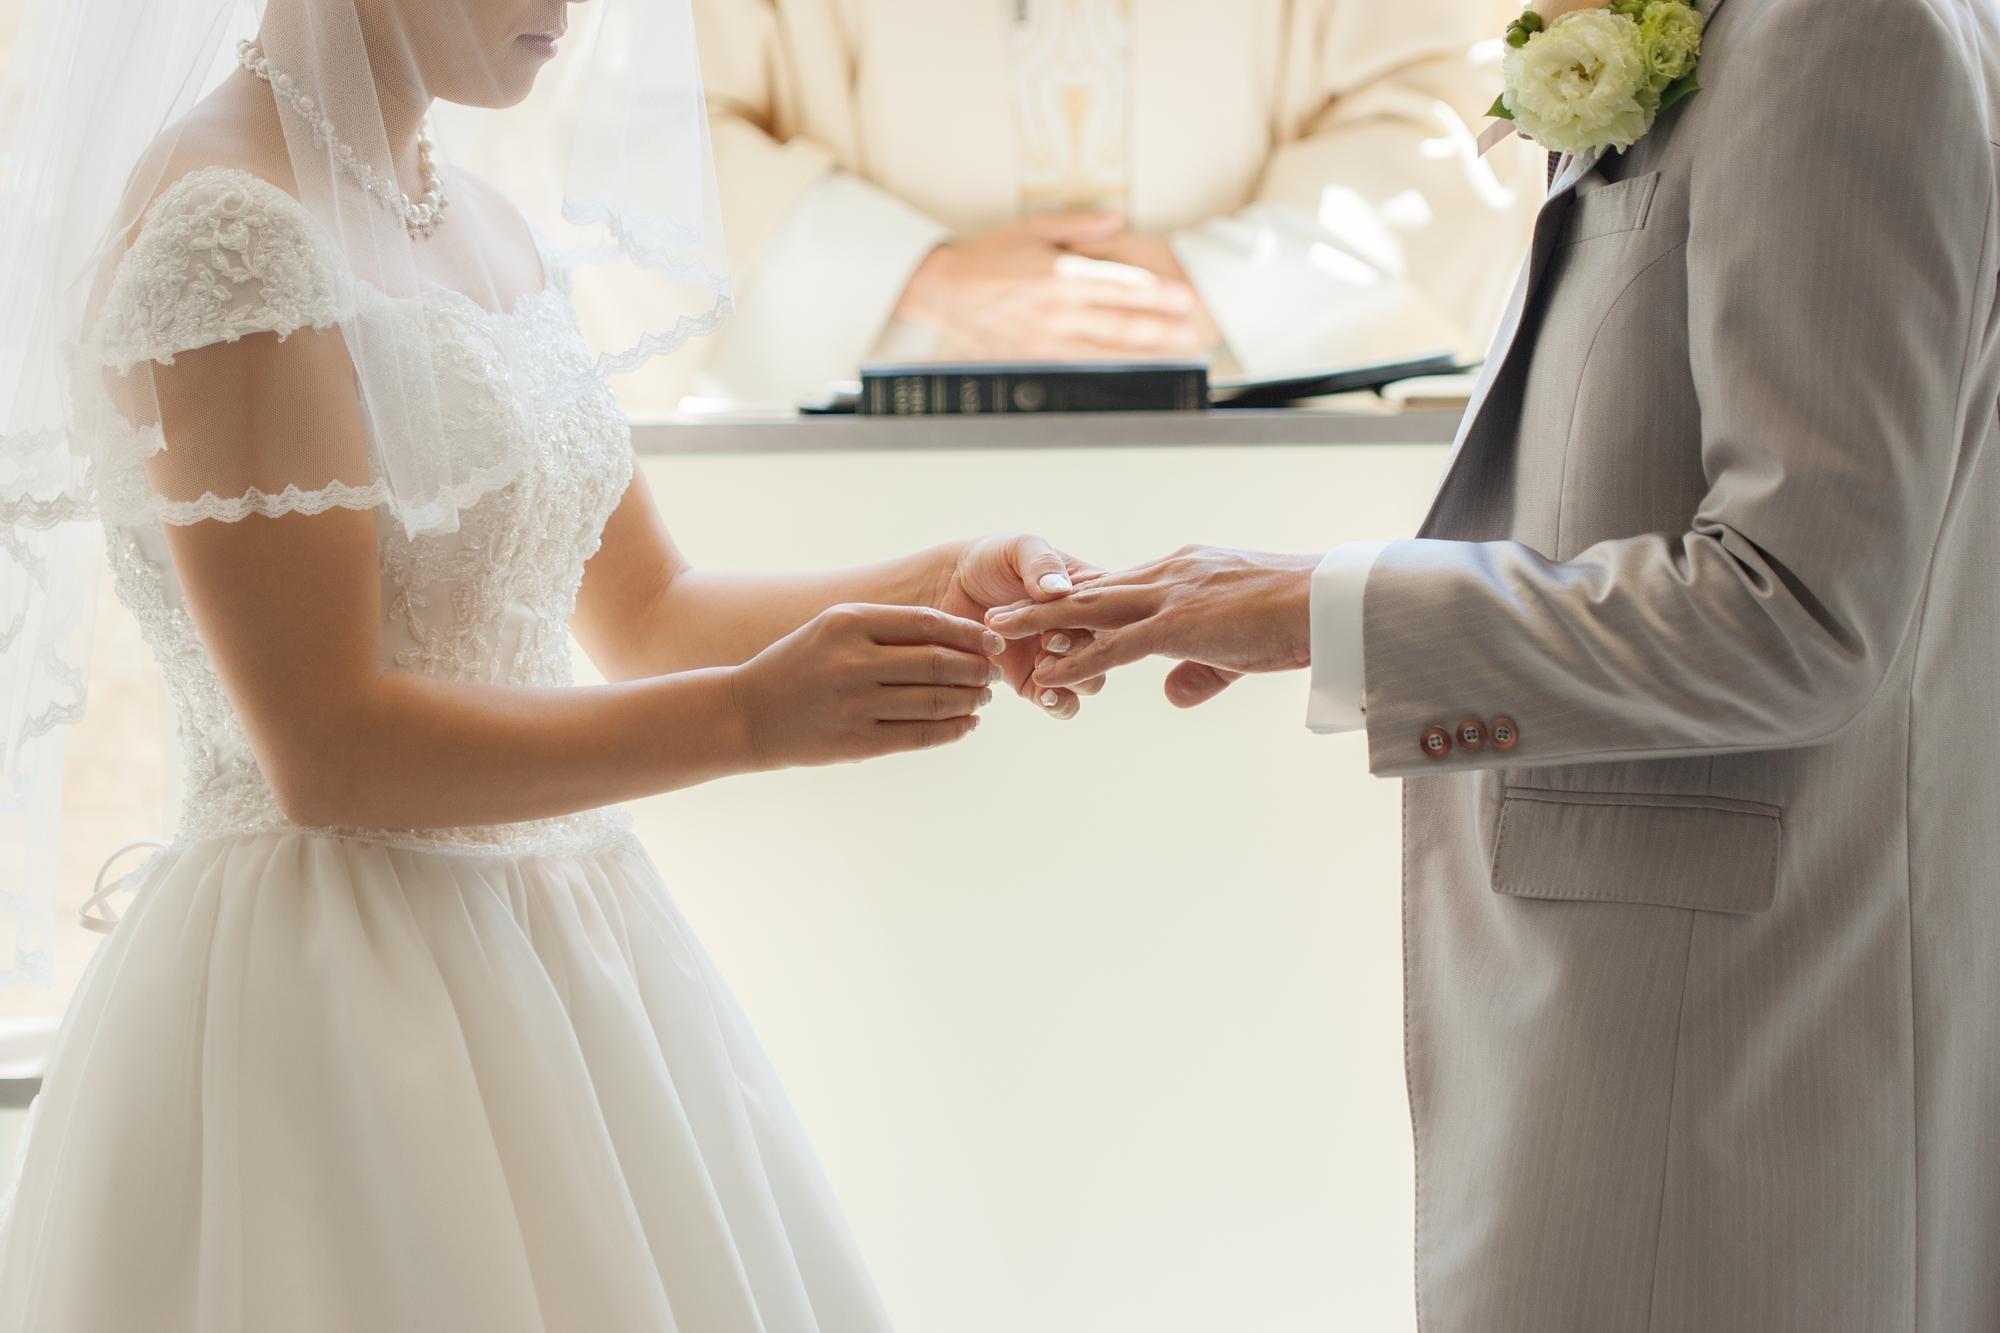 そもそも、どうして結婚指輪は左手の薬指に?